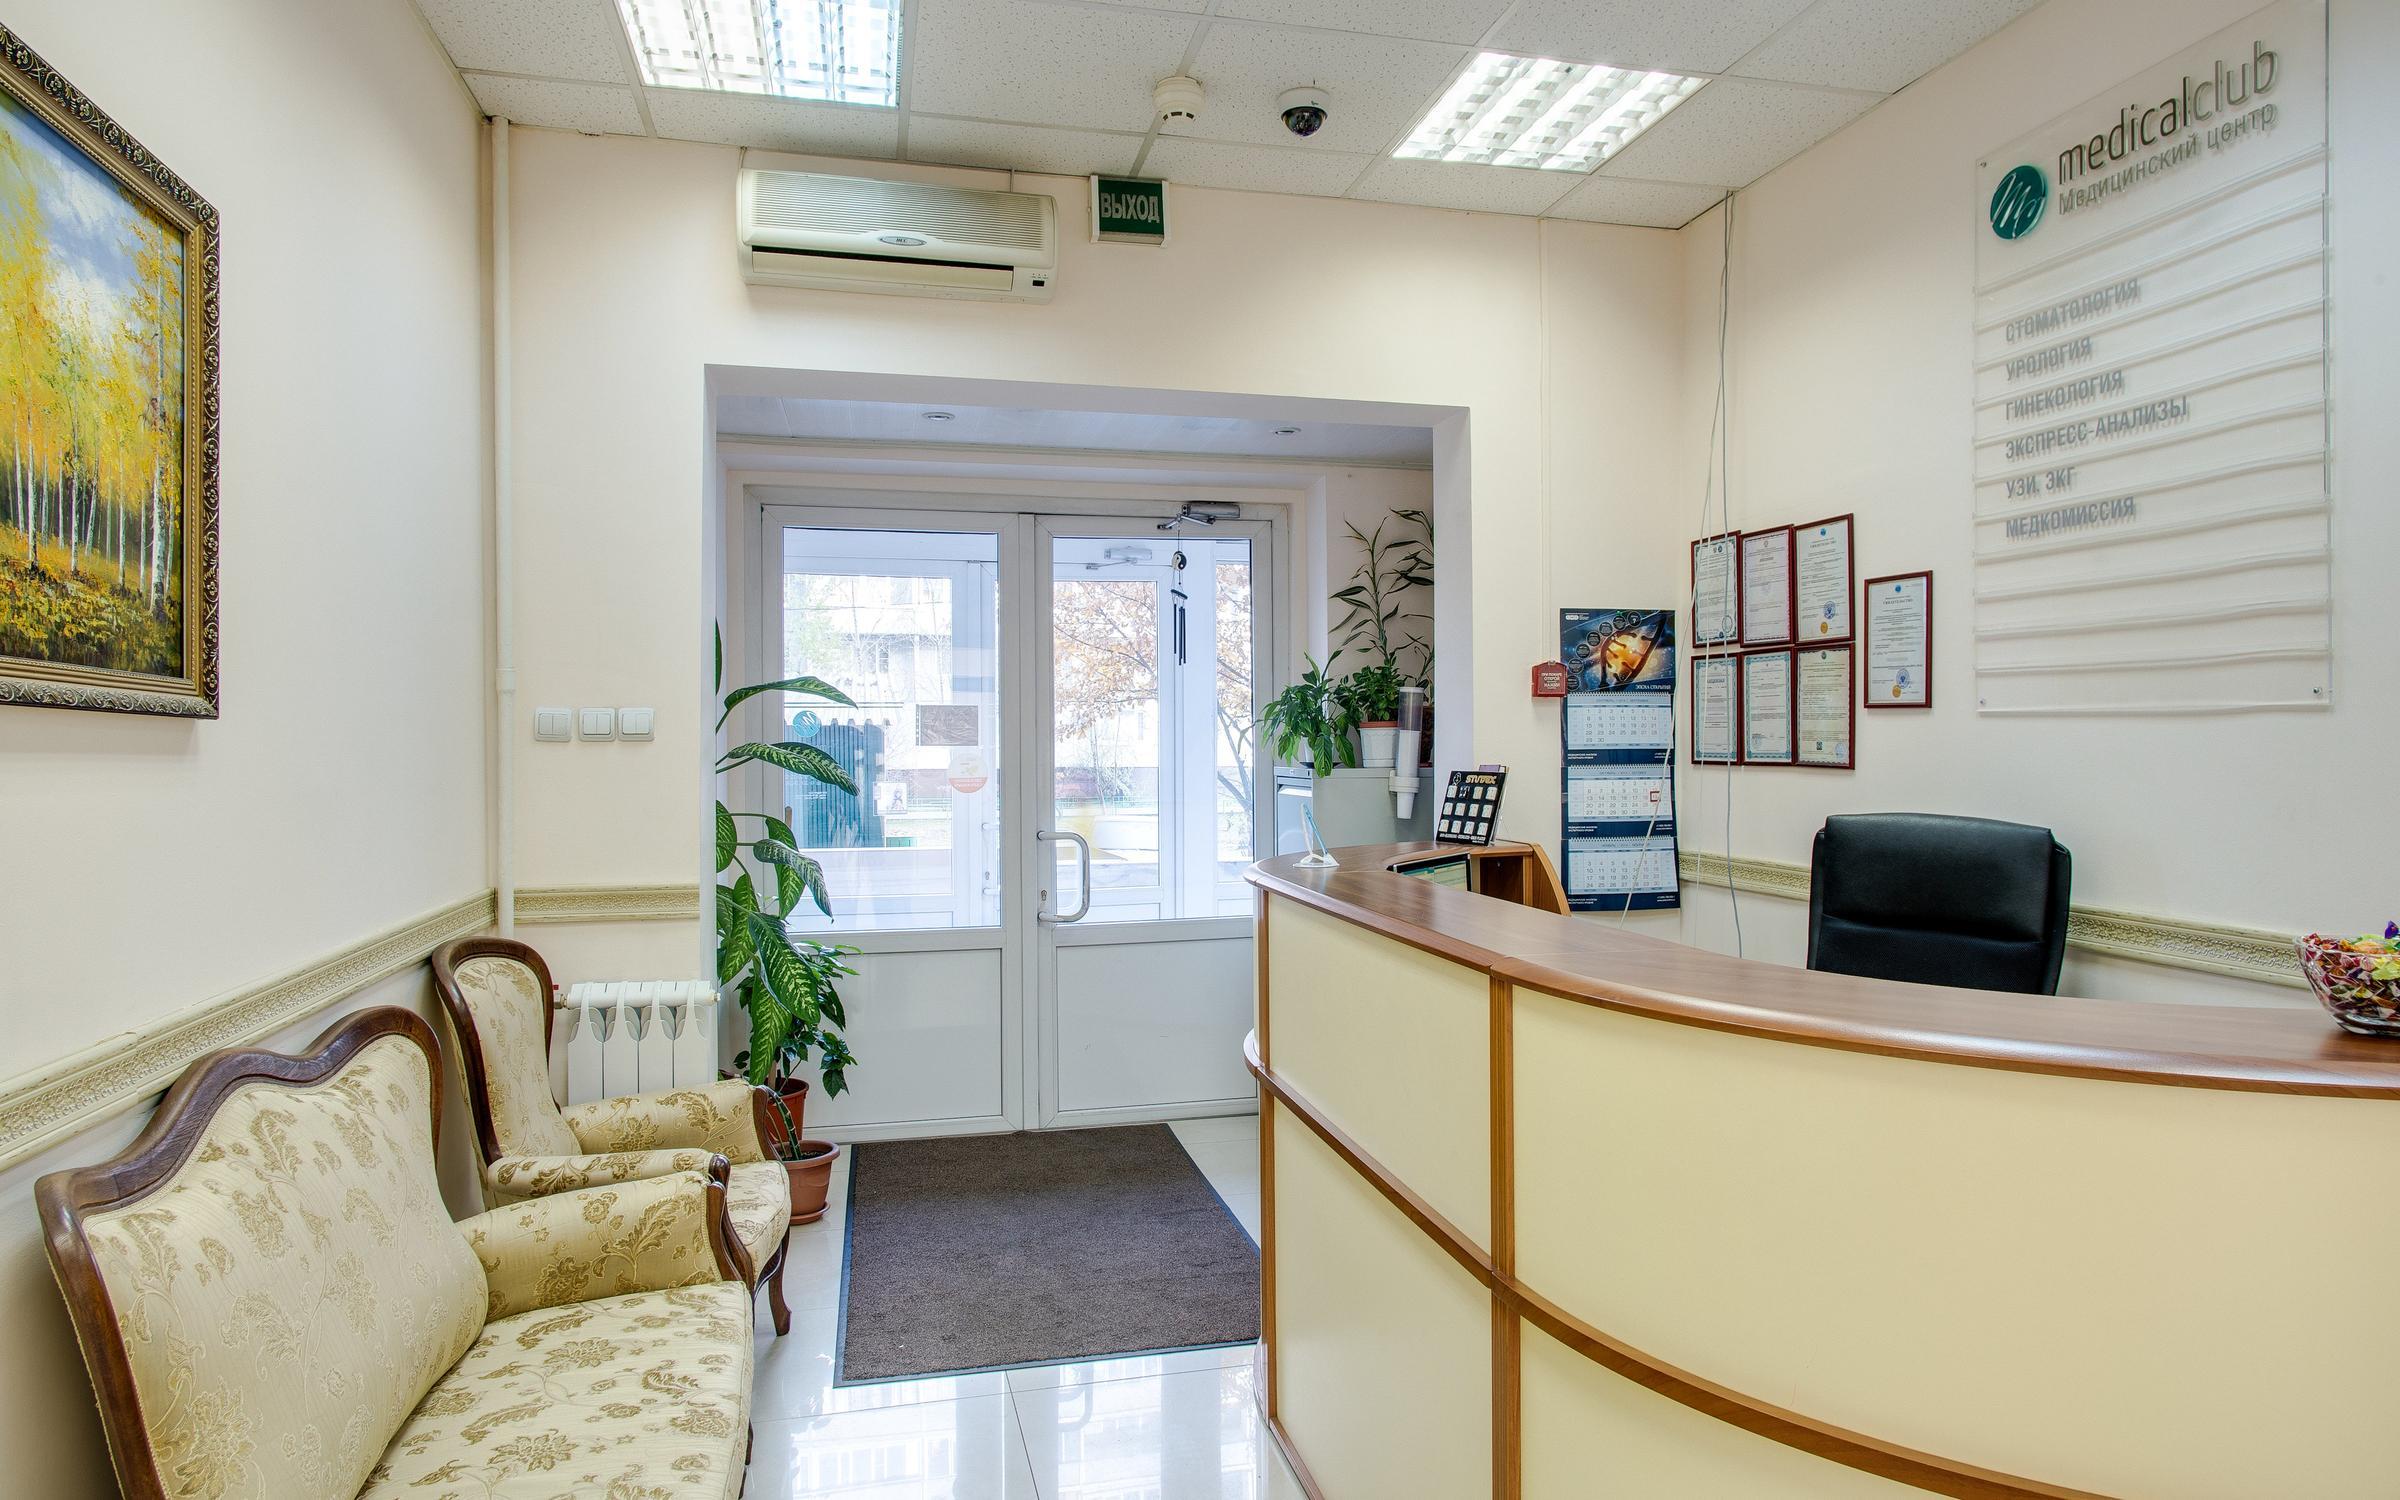 Районные поликлиники приморского района санкт петербурга